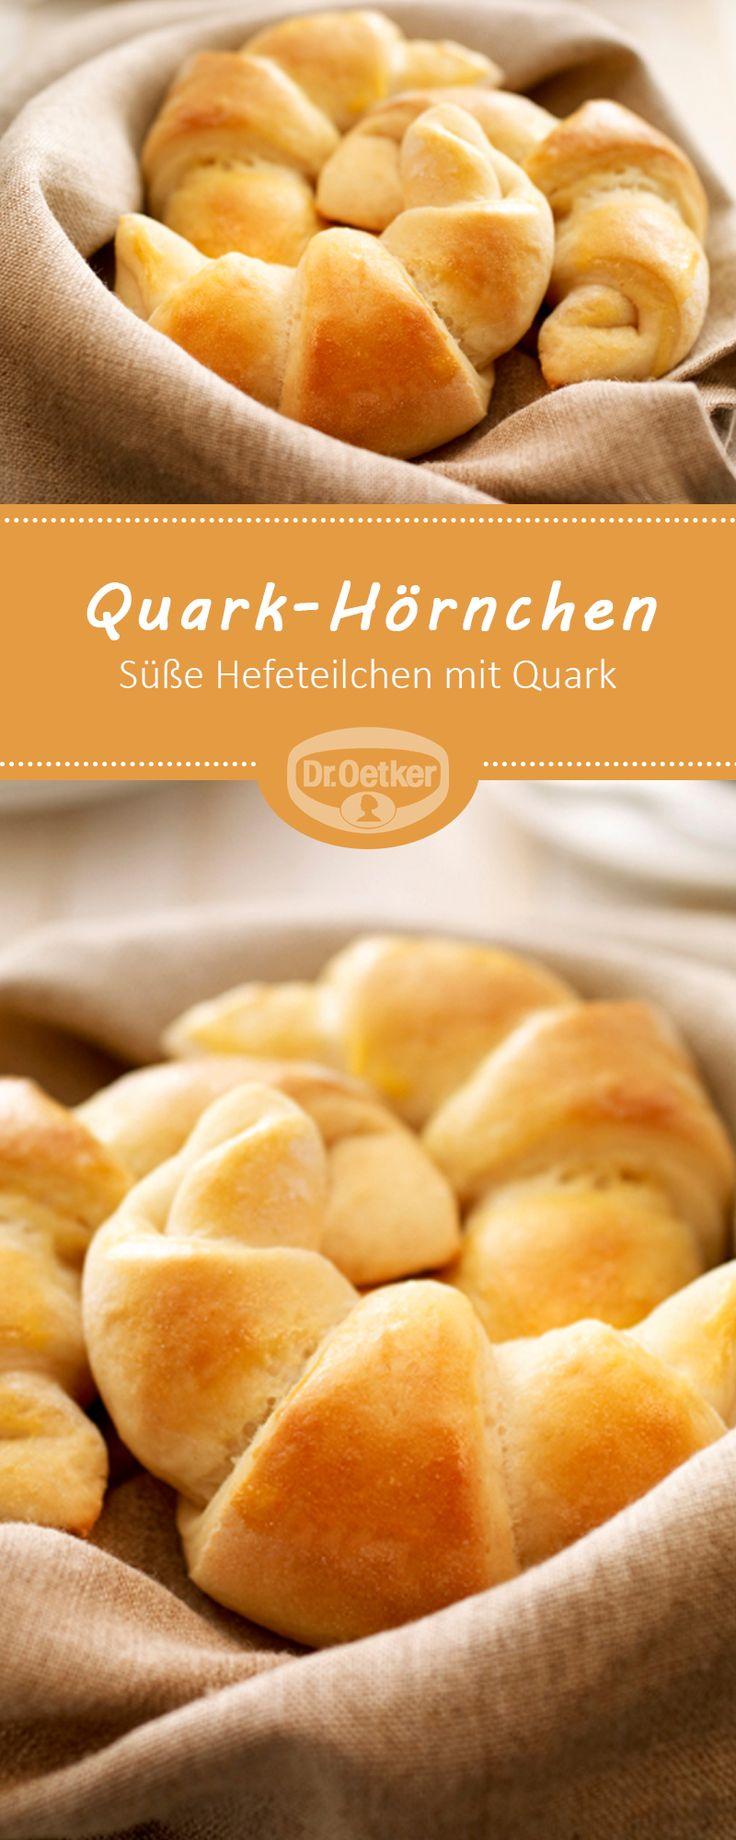 Quark-Hörnchen